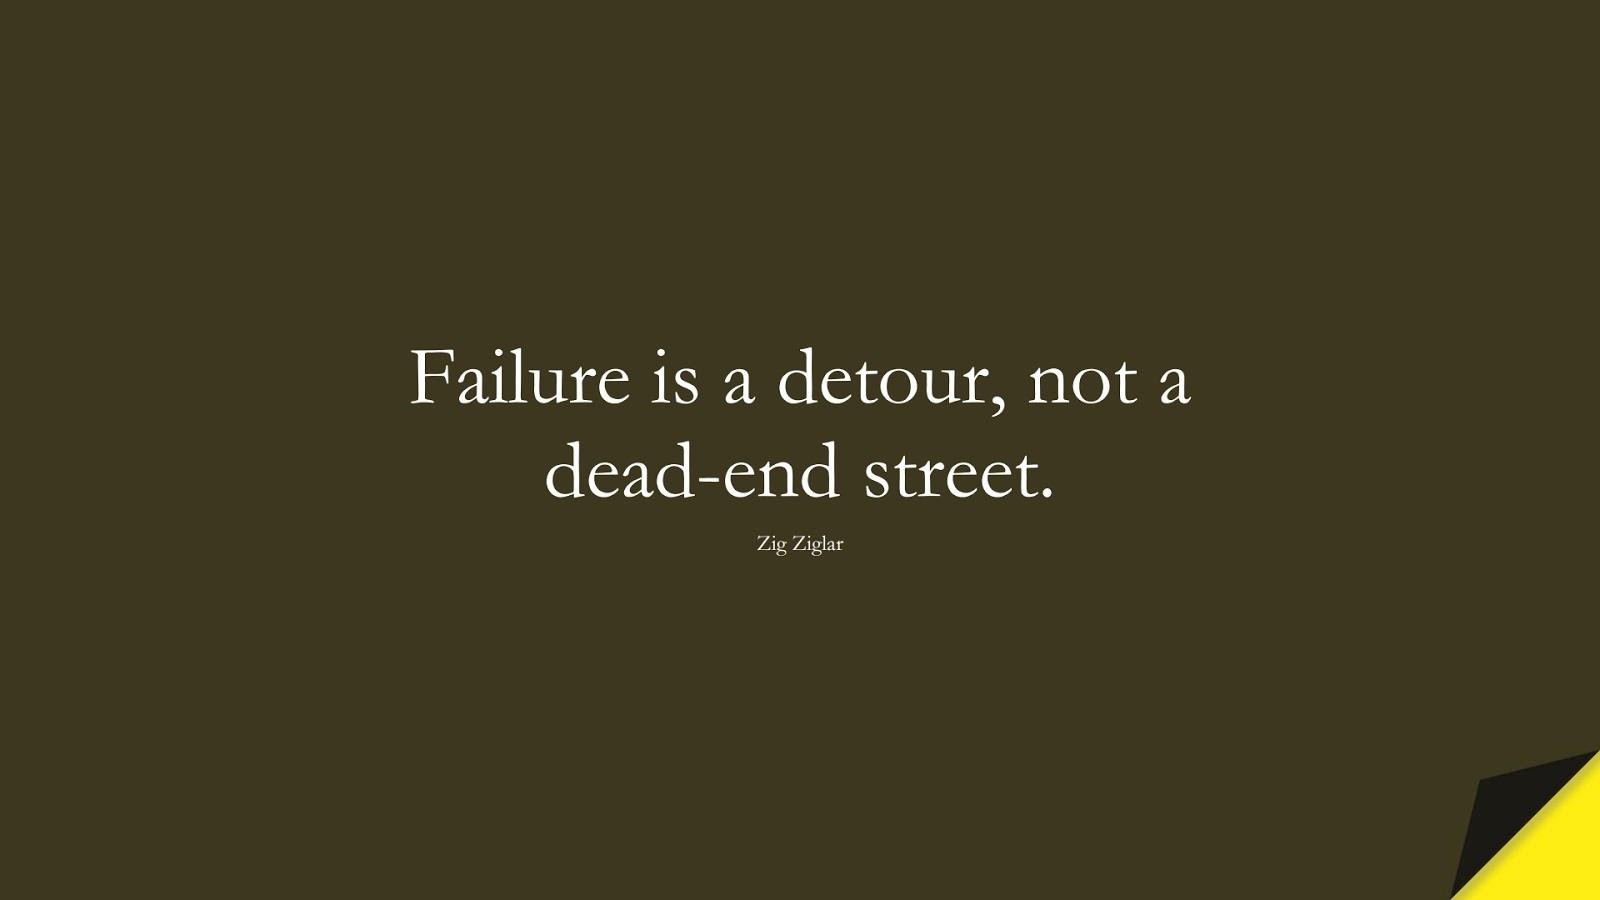 Failure is a detour, not a dead-end street. (Zig Ziglar);  #ShortQuotes